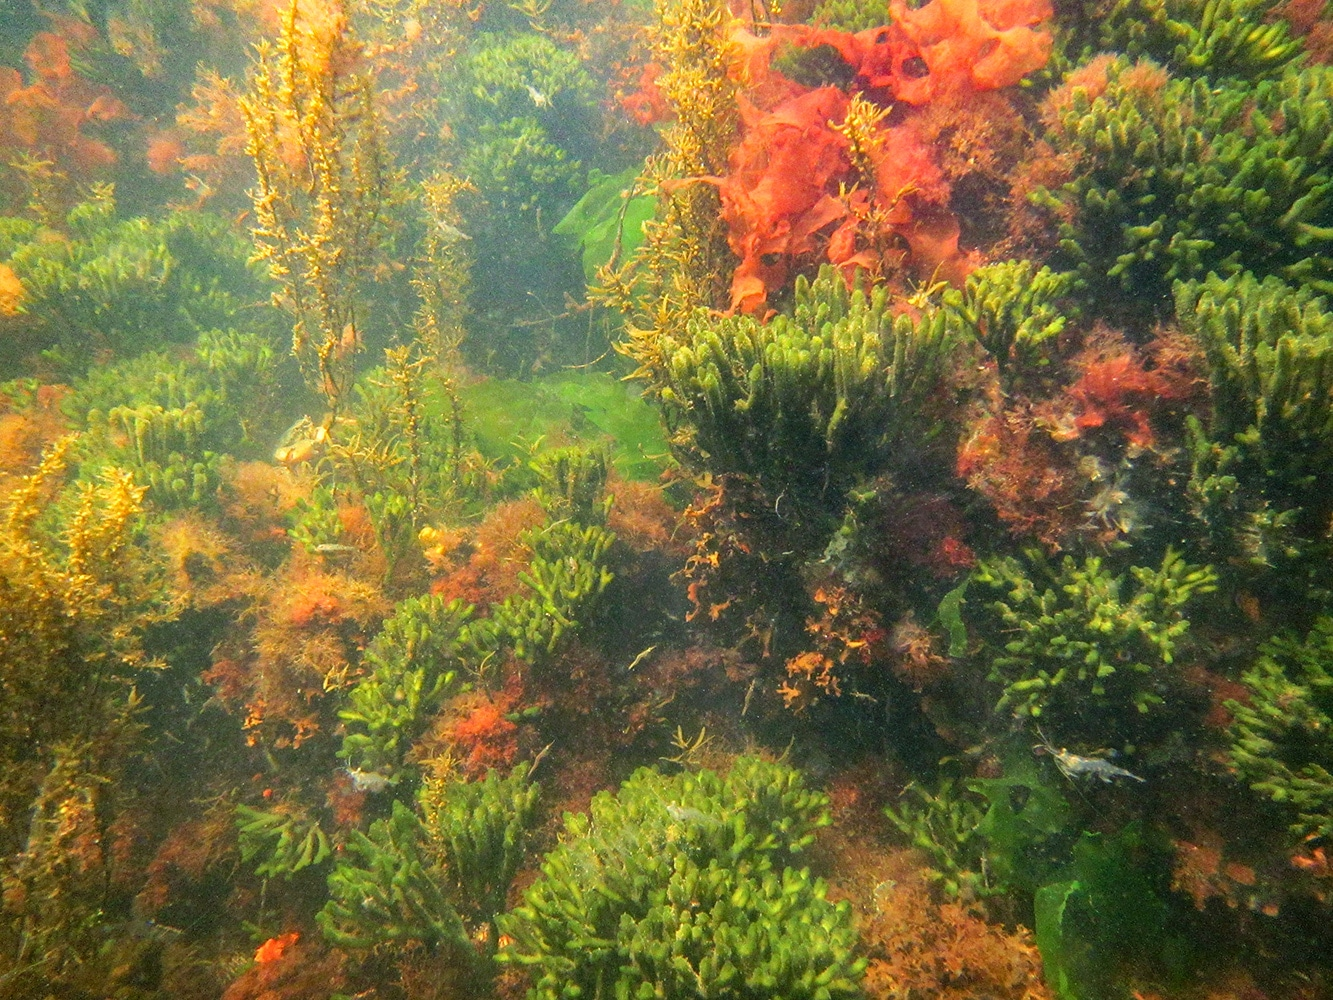 onderwaterwereld van de Grevelingen